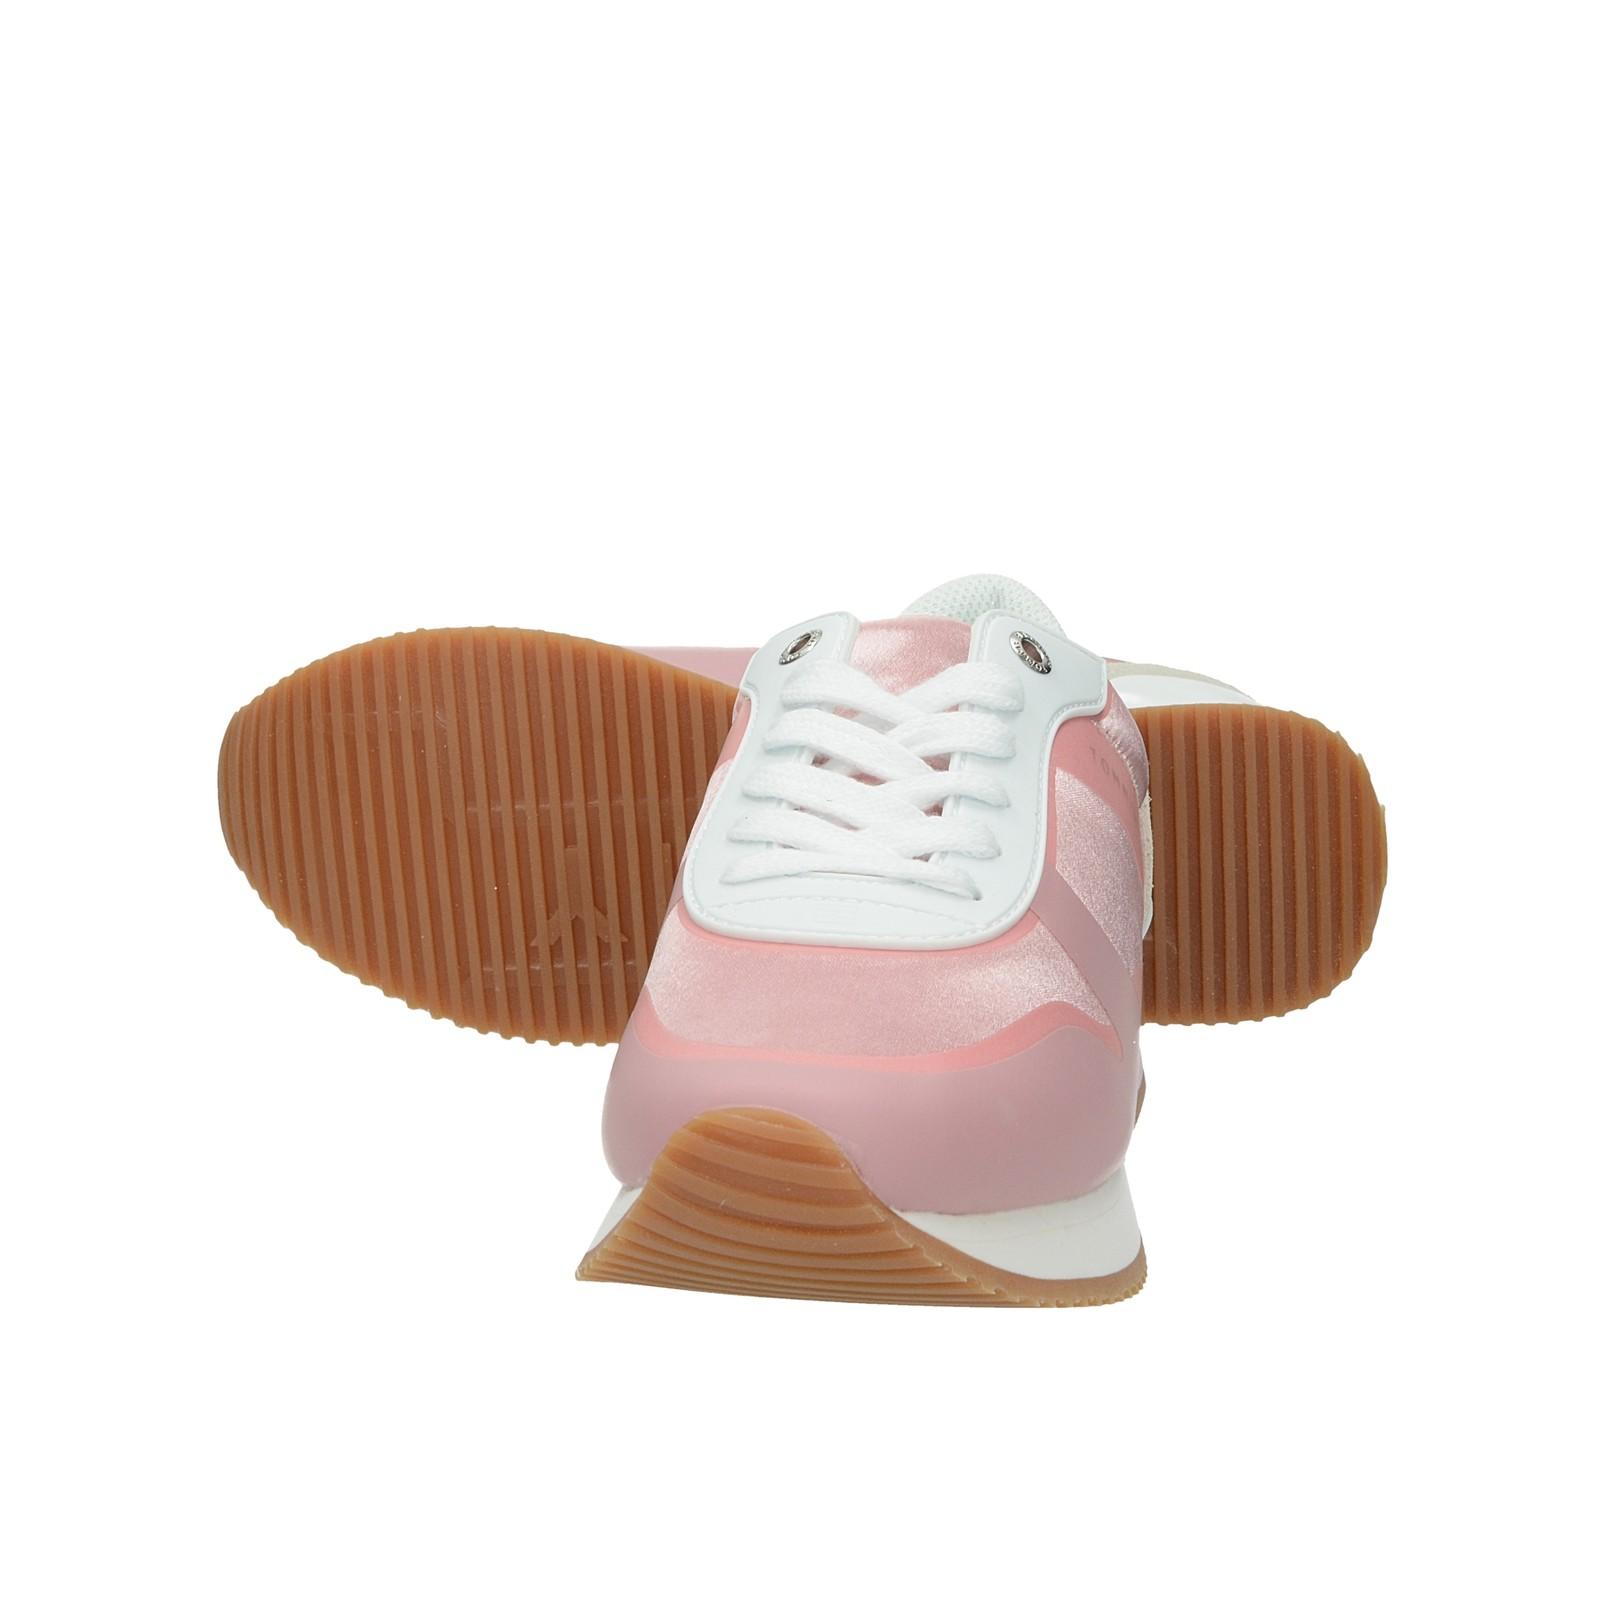 26429c5c19 ... Tommy Hilfiger dámske štýlové tenisky - ružové ...